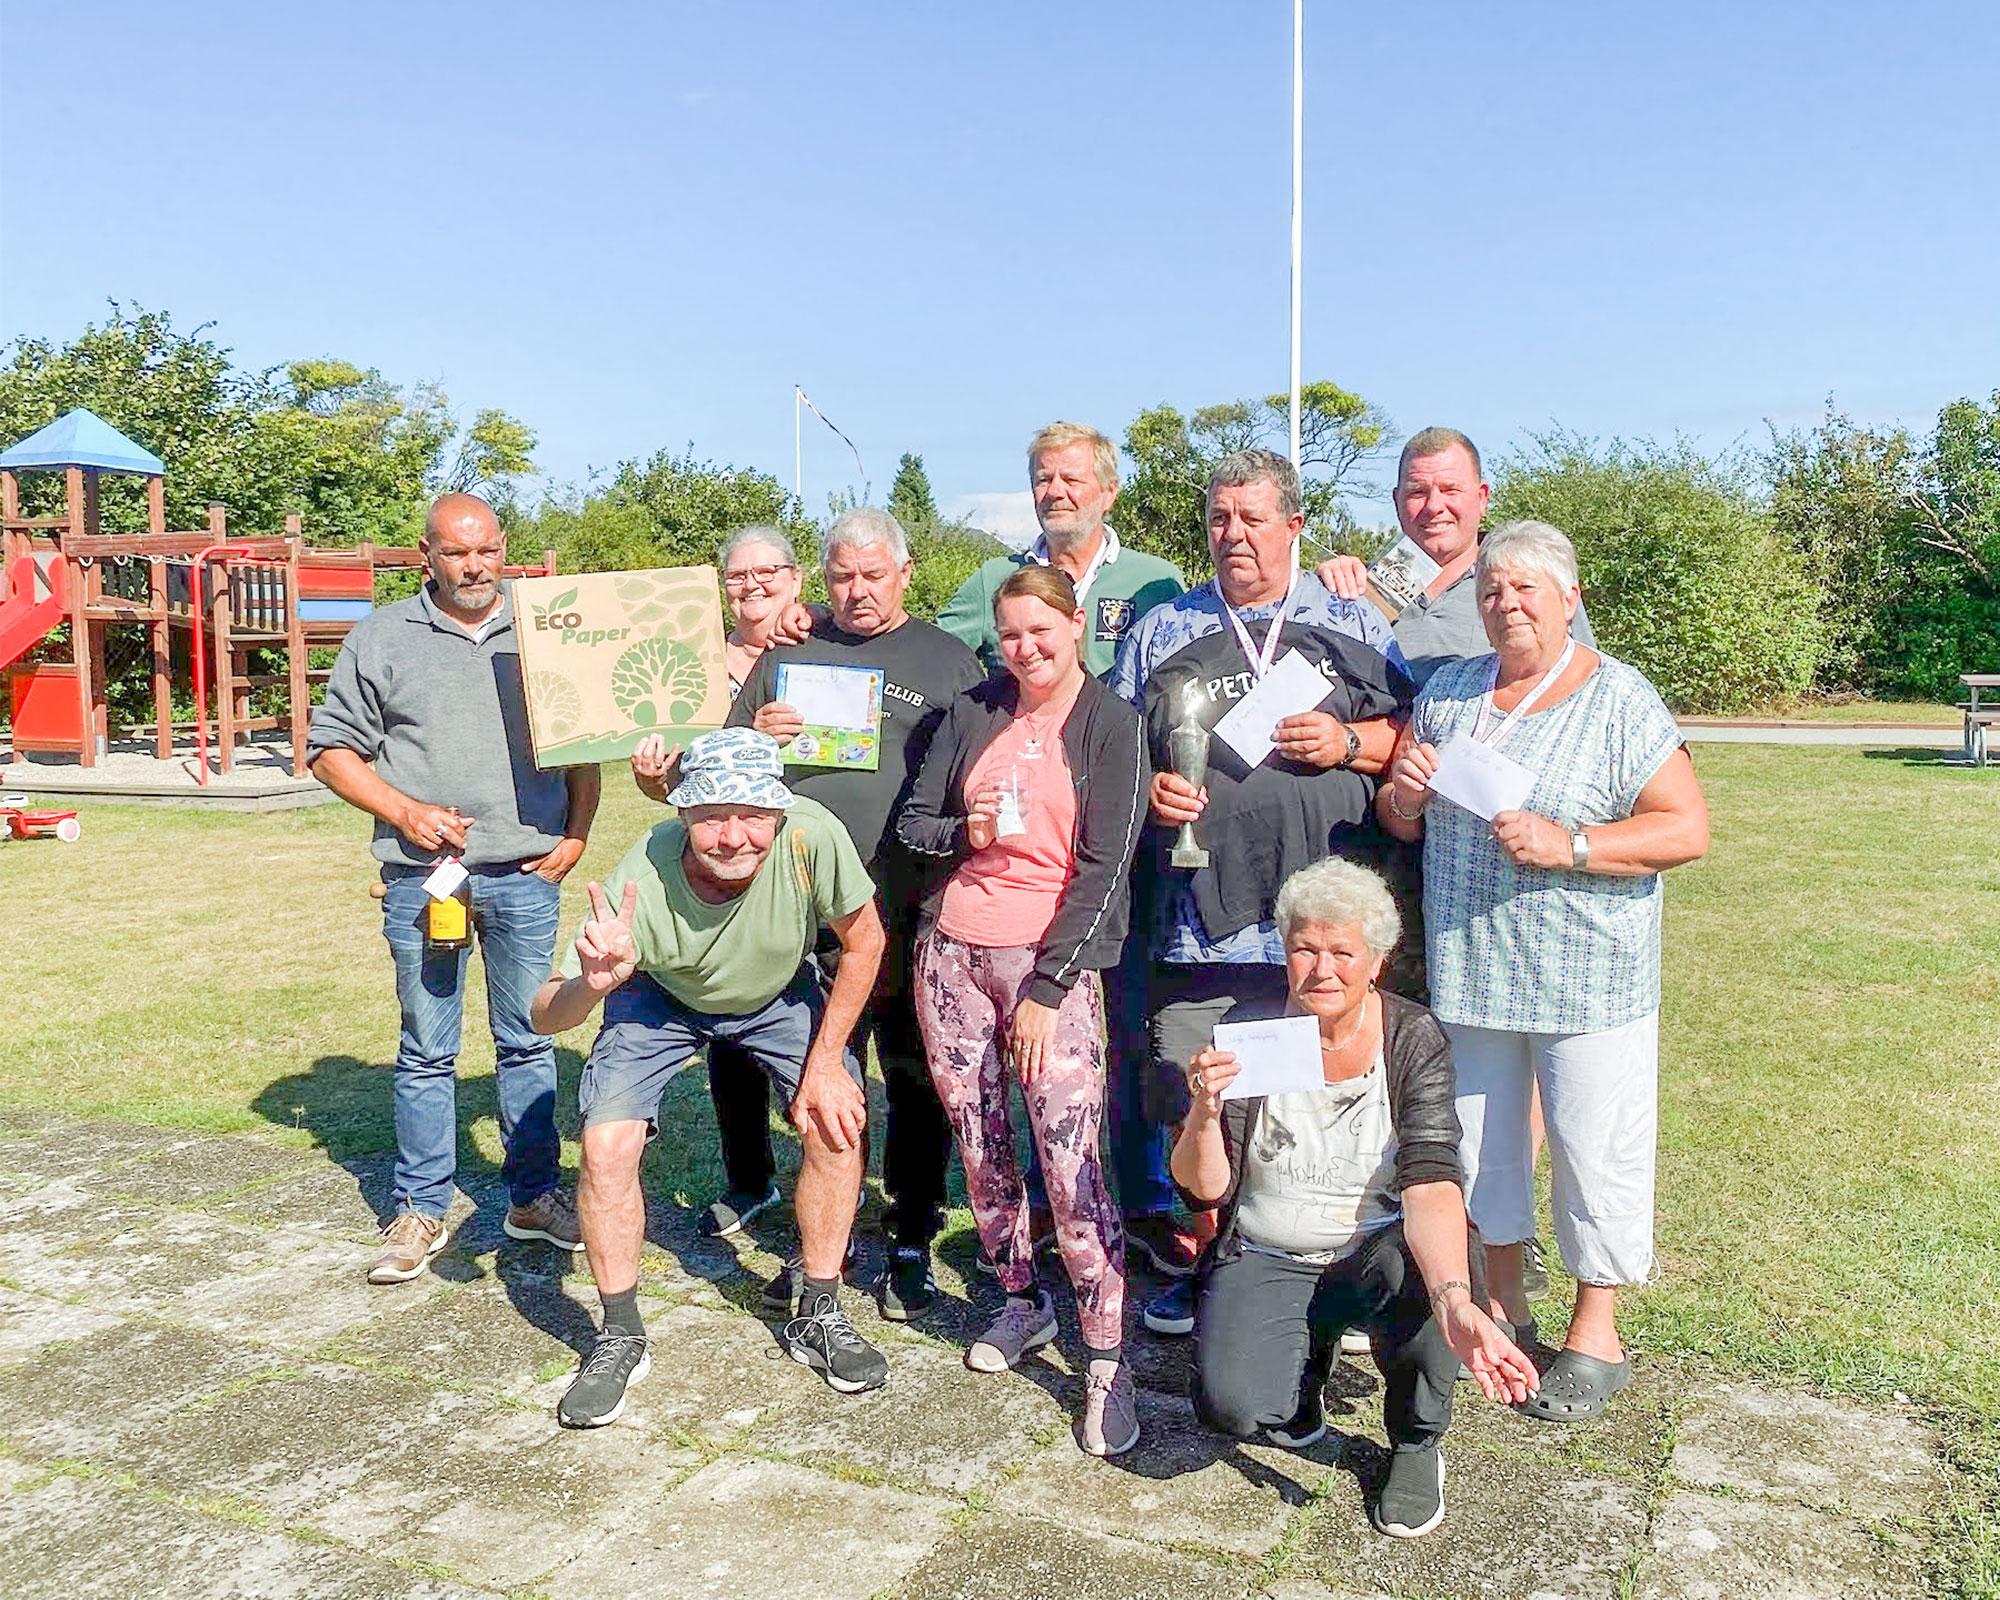 Deltagerne i årets »Petanque-VM-mesterskaberne« i Haveforeningen Maglebylund kunne efter turneringen fremvise »høsten«.